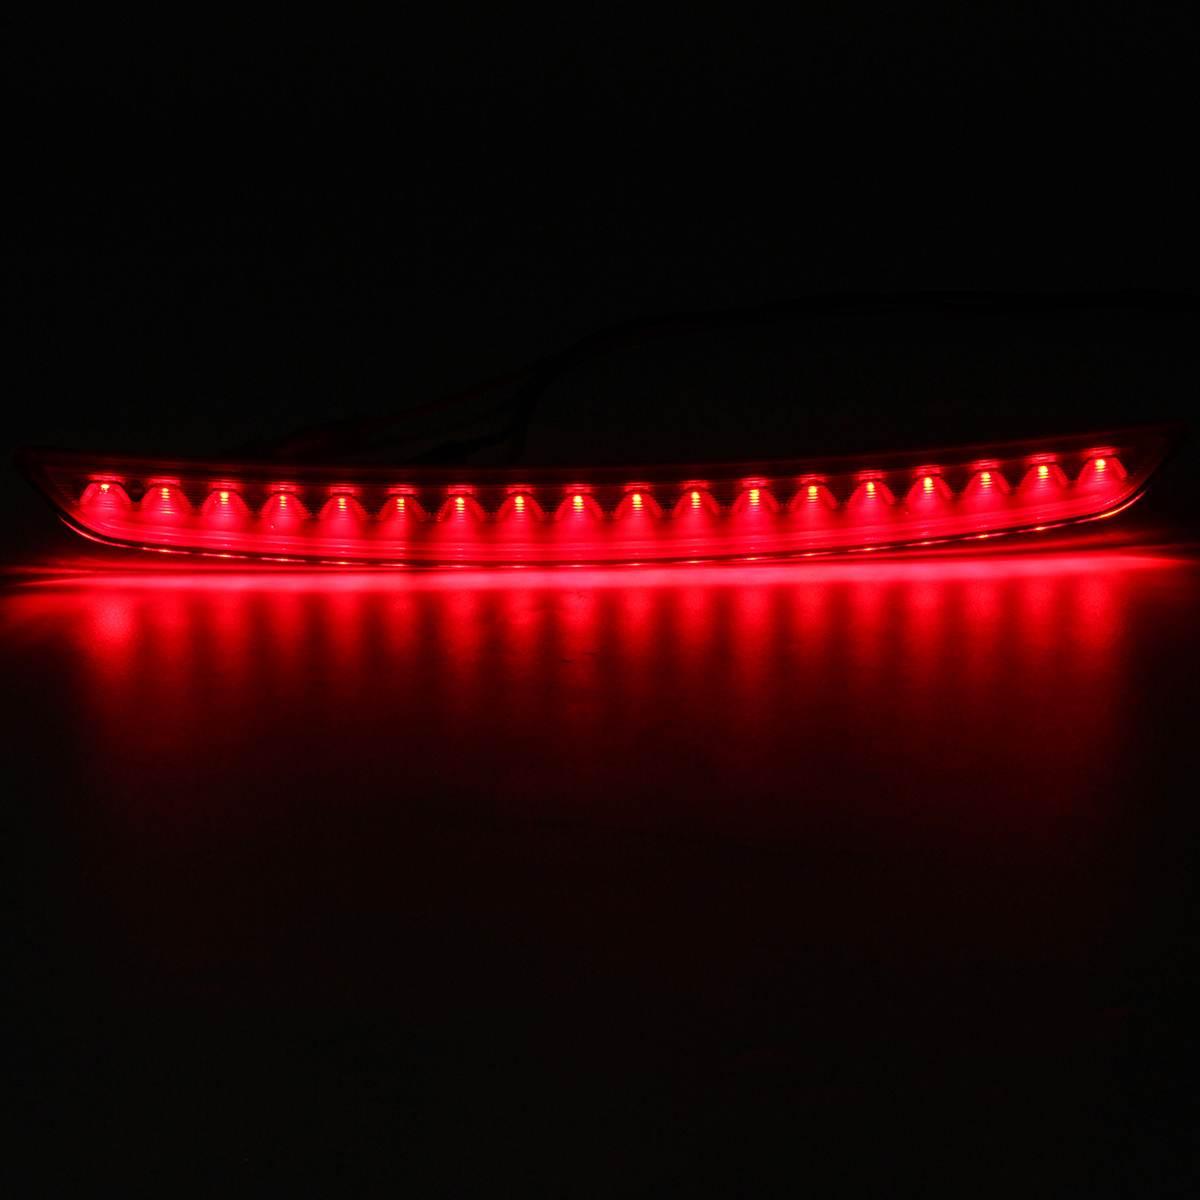 LED Rear High Level Additional Centre Brake Light Lamp for Audi MK2 TT 2007-14